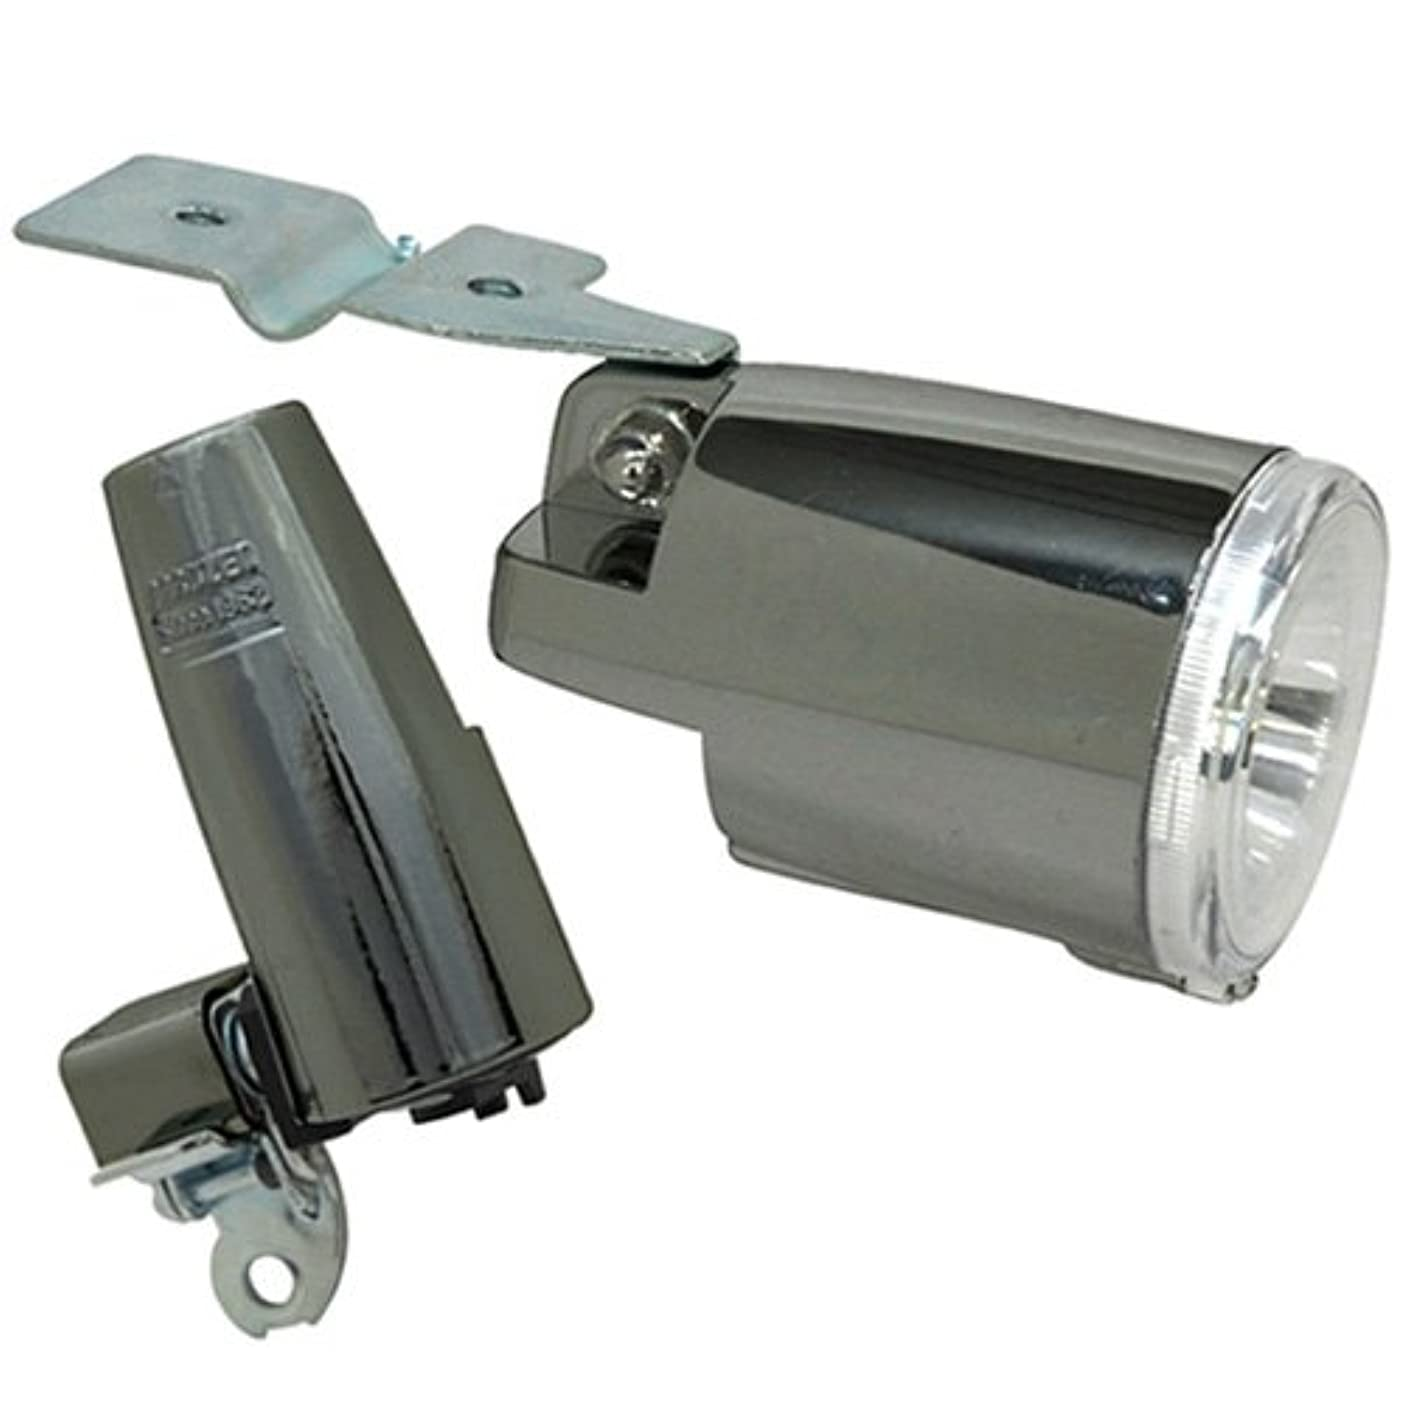 好意煙突スラダム丸善 LEDライト MKS-1-CB2-BS BKCP